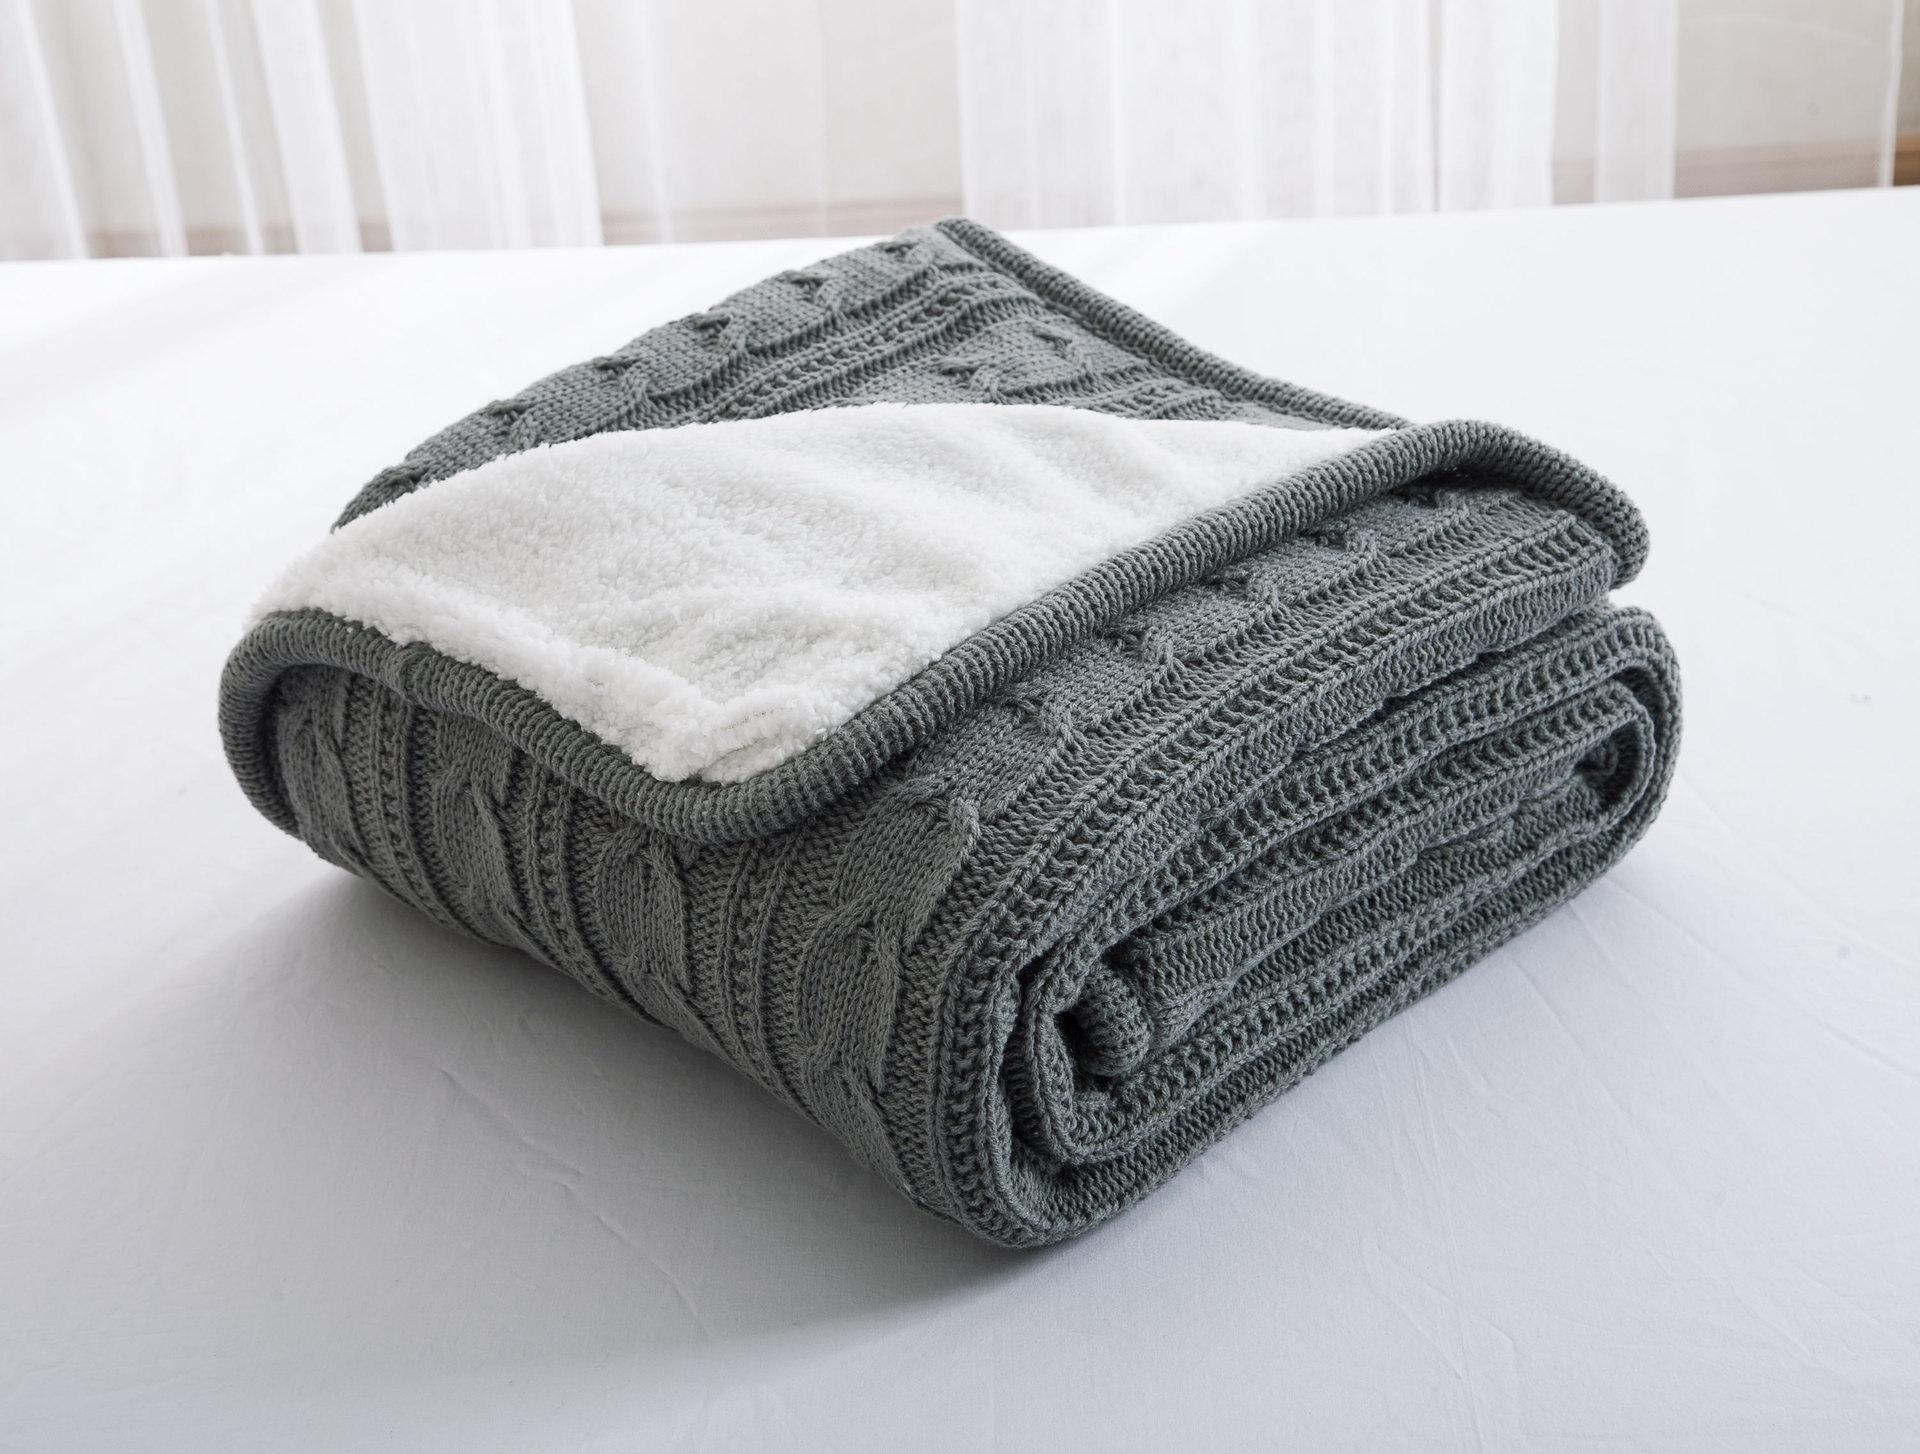 100% хлопок, высокое качество, овечье вельветовое одеяло, зимнее теплое вязаное шерстяное одеяло, диван/покрывало для кровати, одеяло, вязаное... - 4